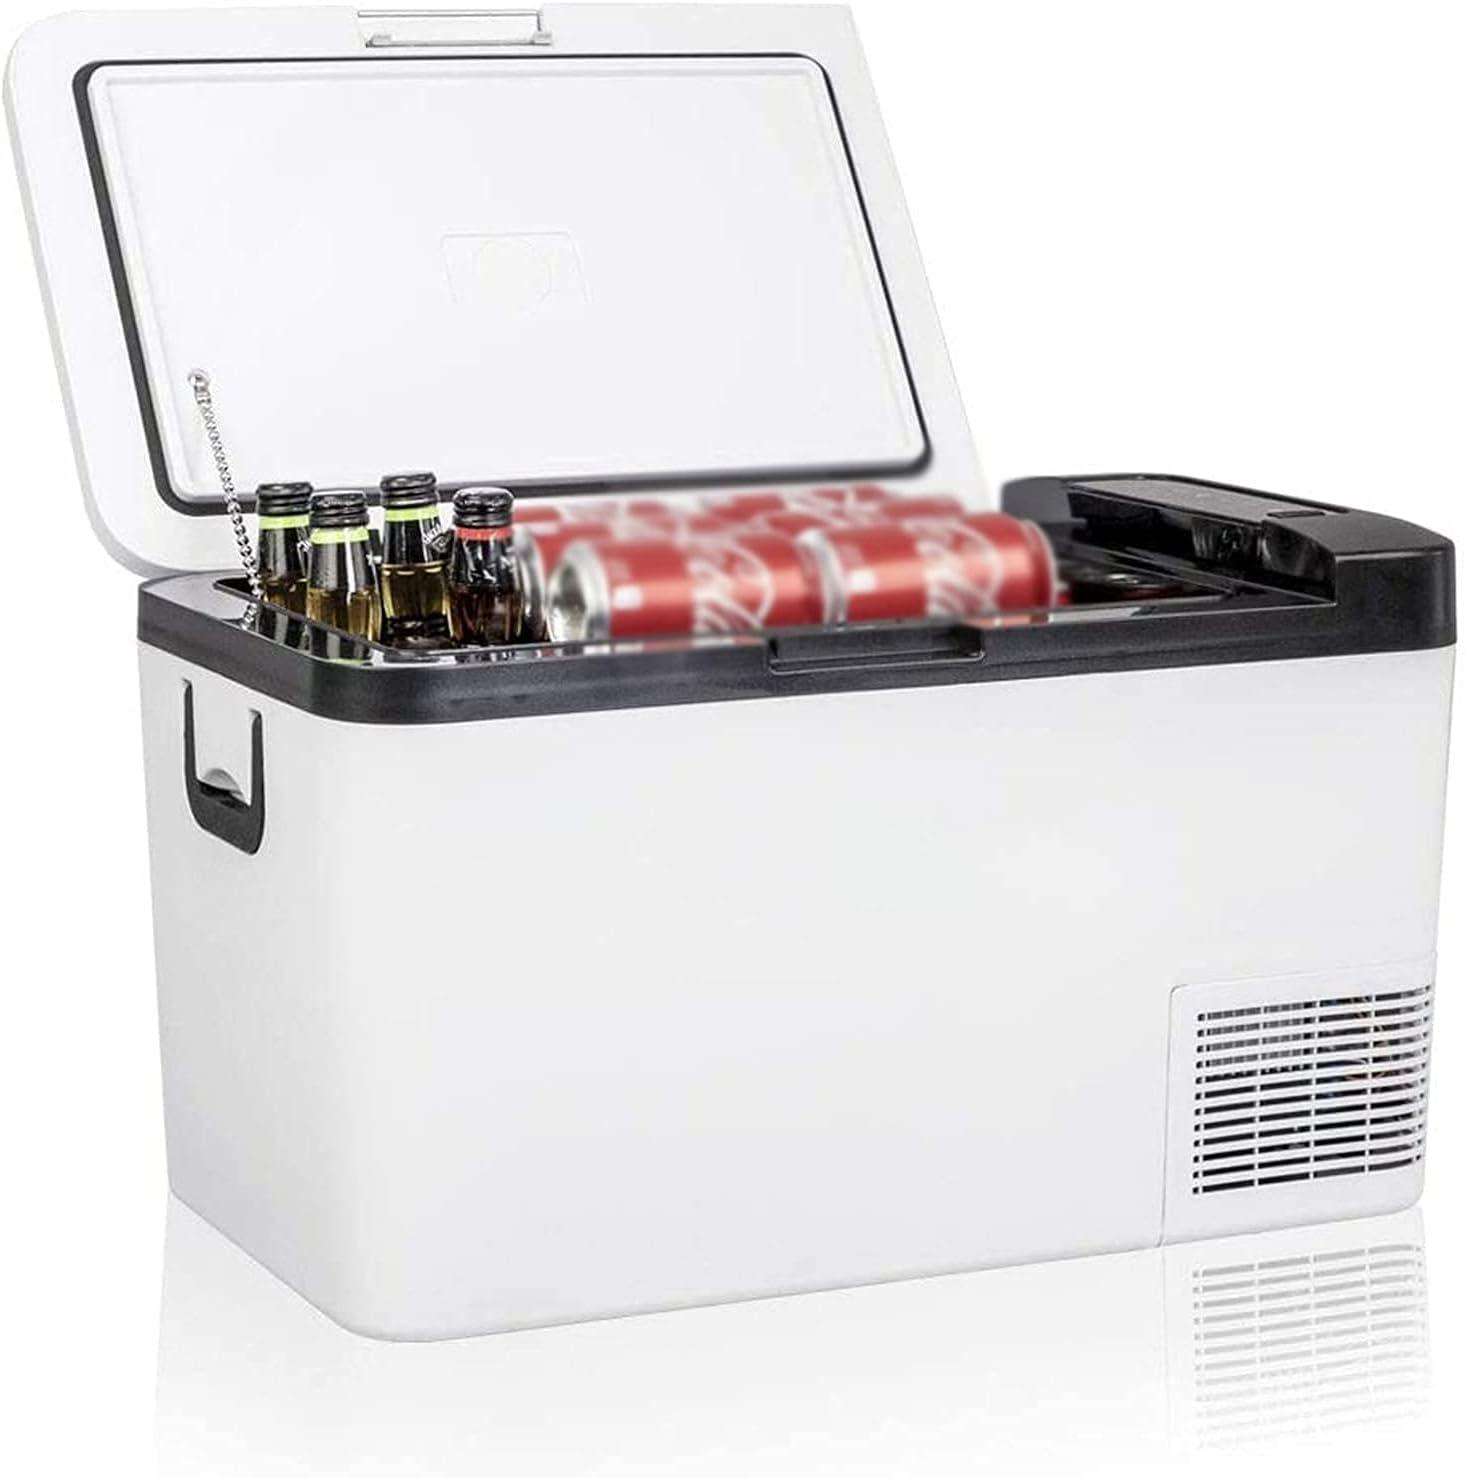 GGZZLL Refrigerador portátil 26 Cuarto de galón de 25 litros Freidismo congelador 12 voltios Congelador para vehículos de automóvil Camión de vehículos RV Barco Mini Frigorífico Congelador